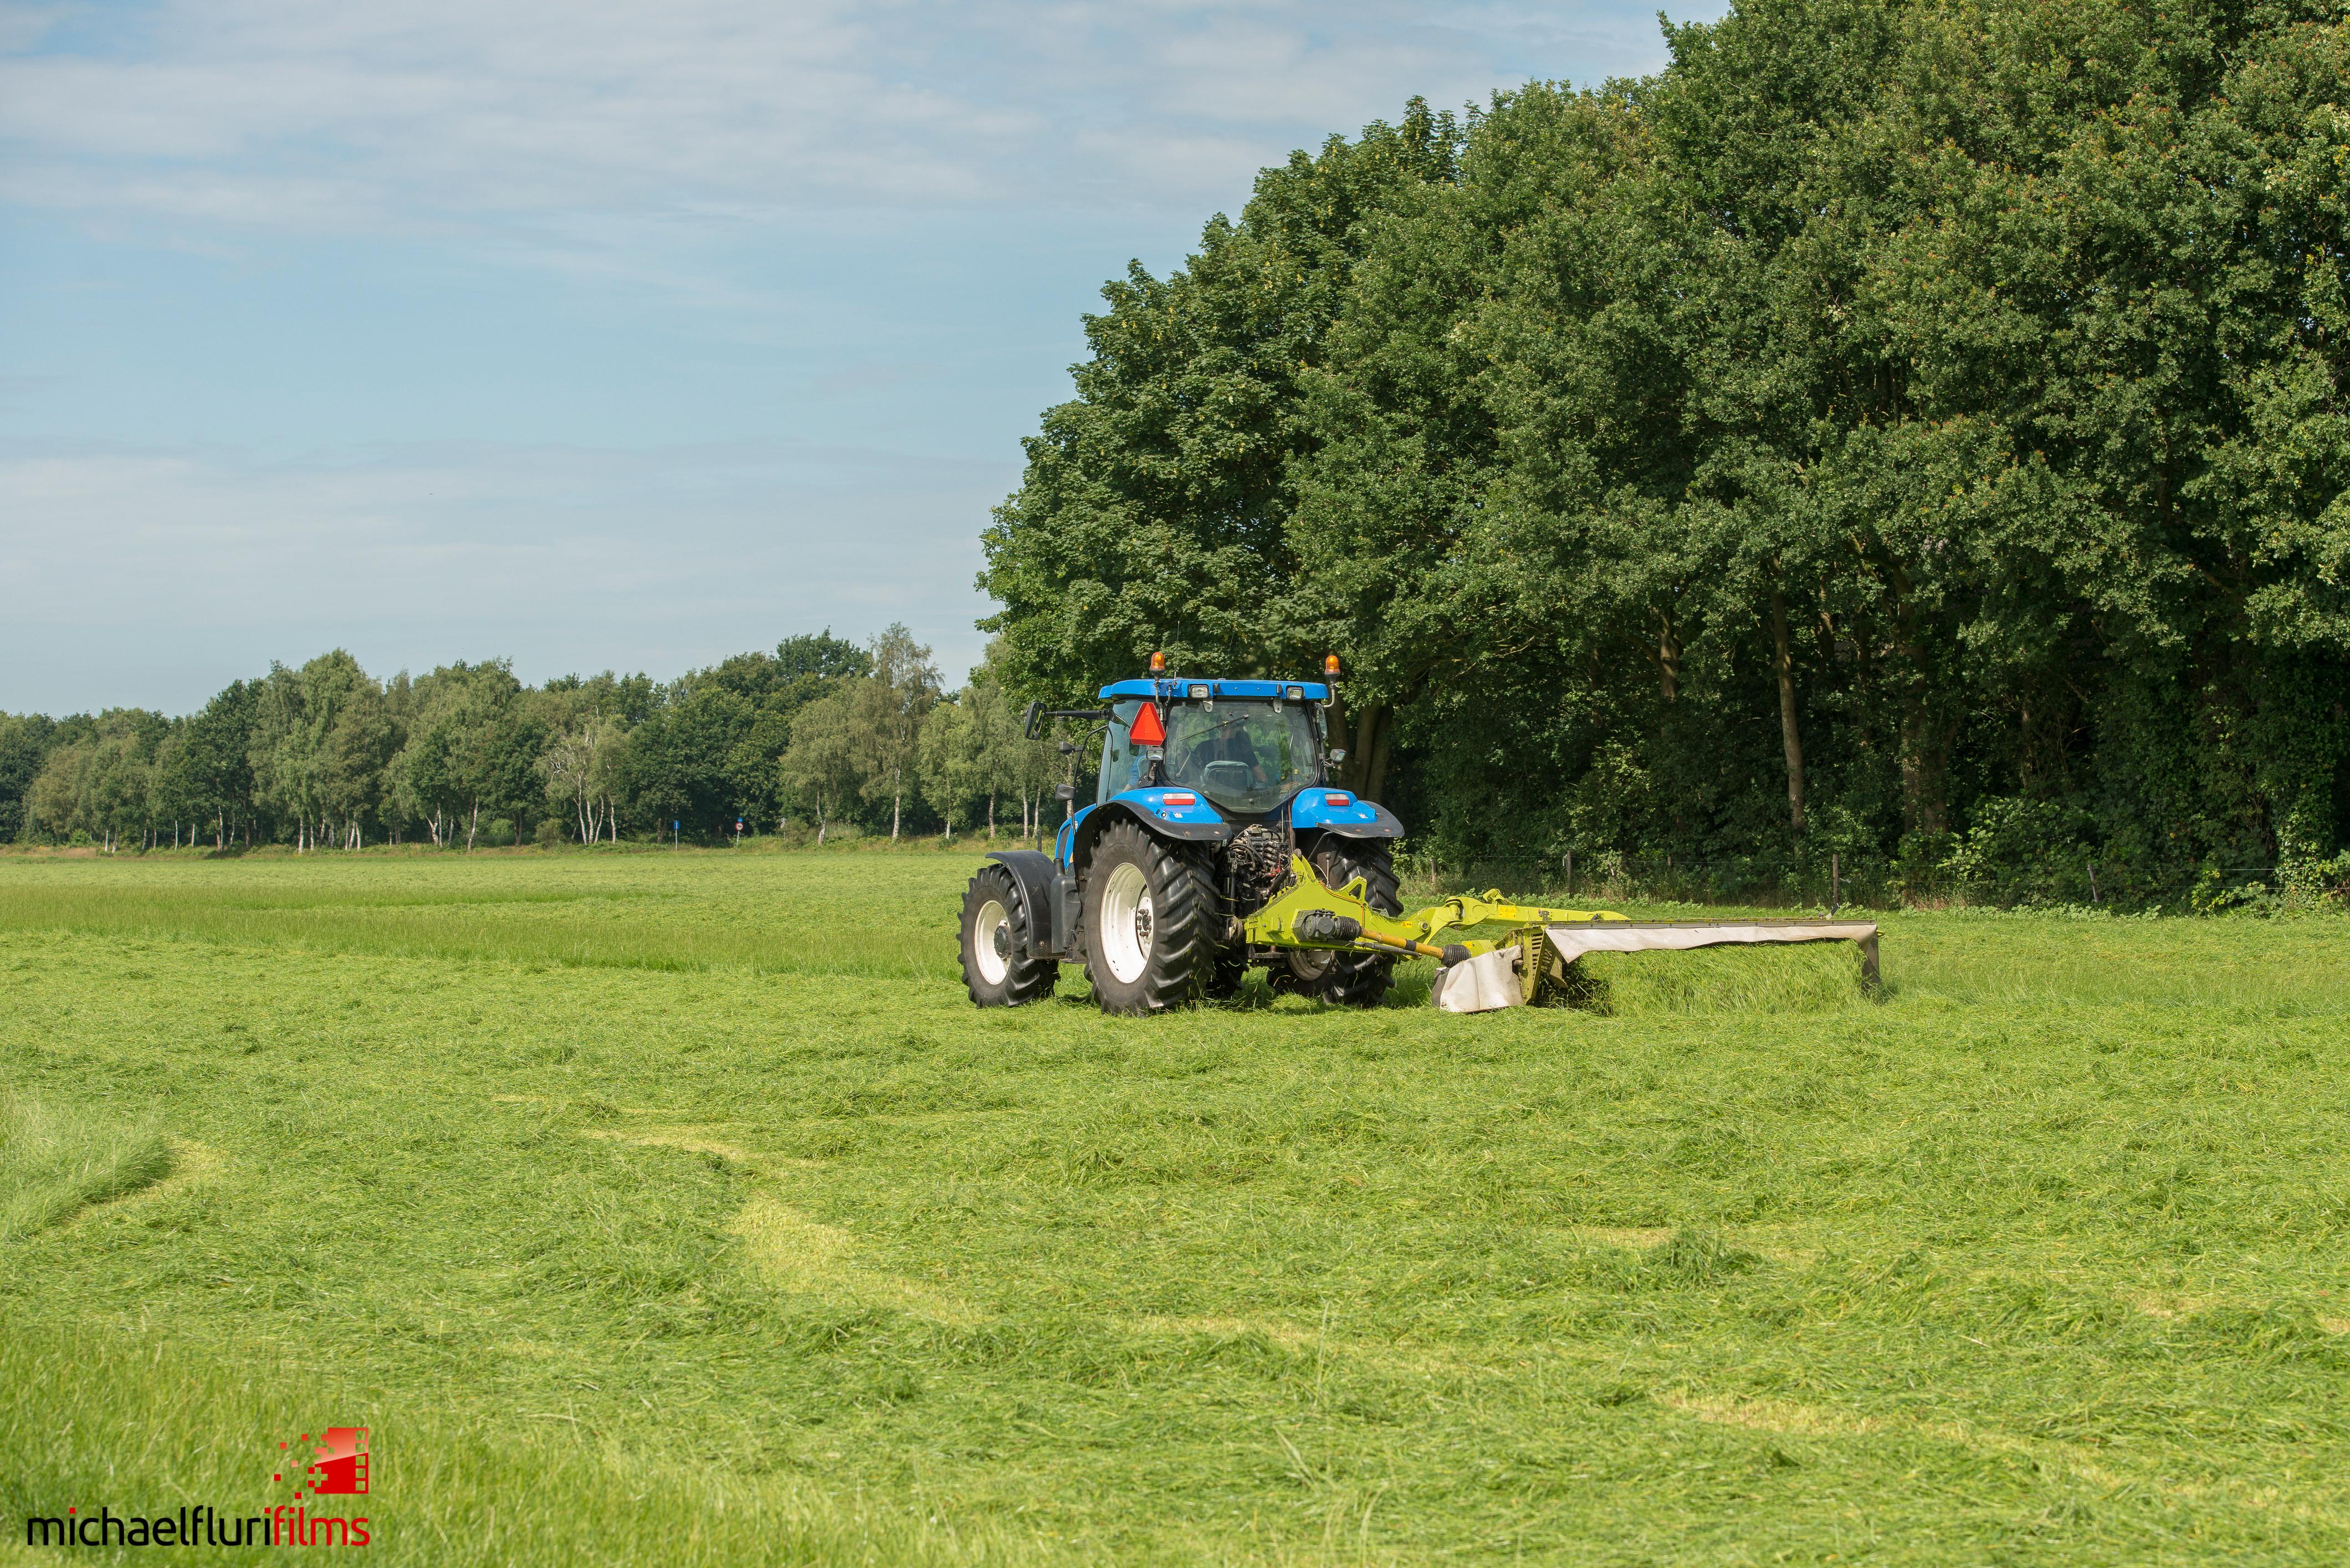 Rehkitzrettung: Traktor auf Feld